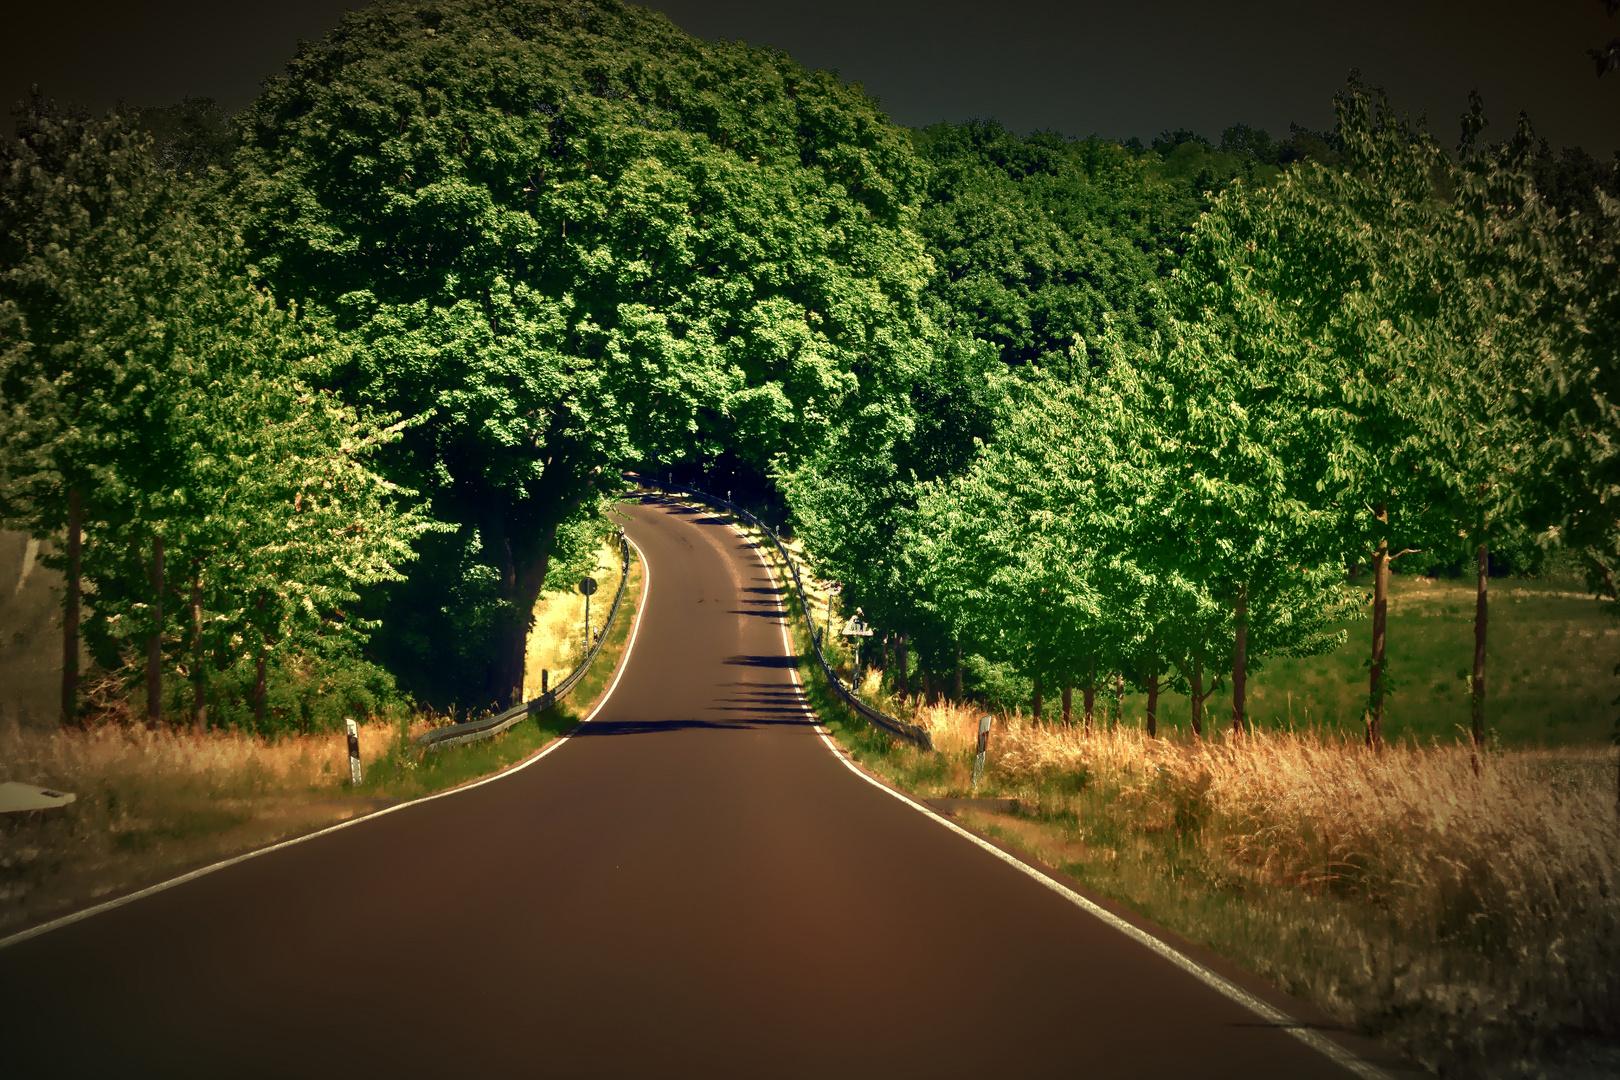 Der Weg nach Hause